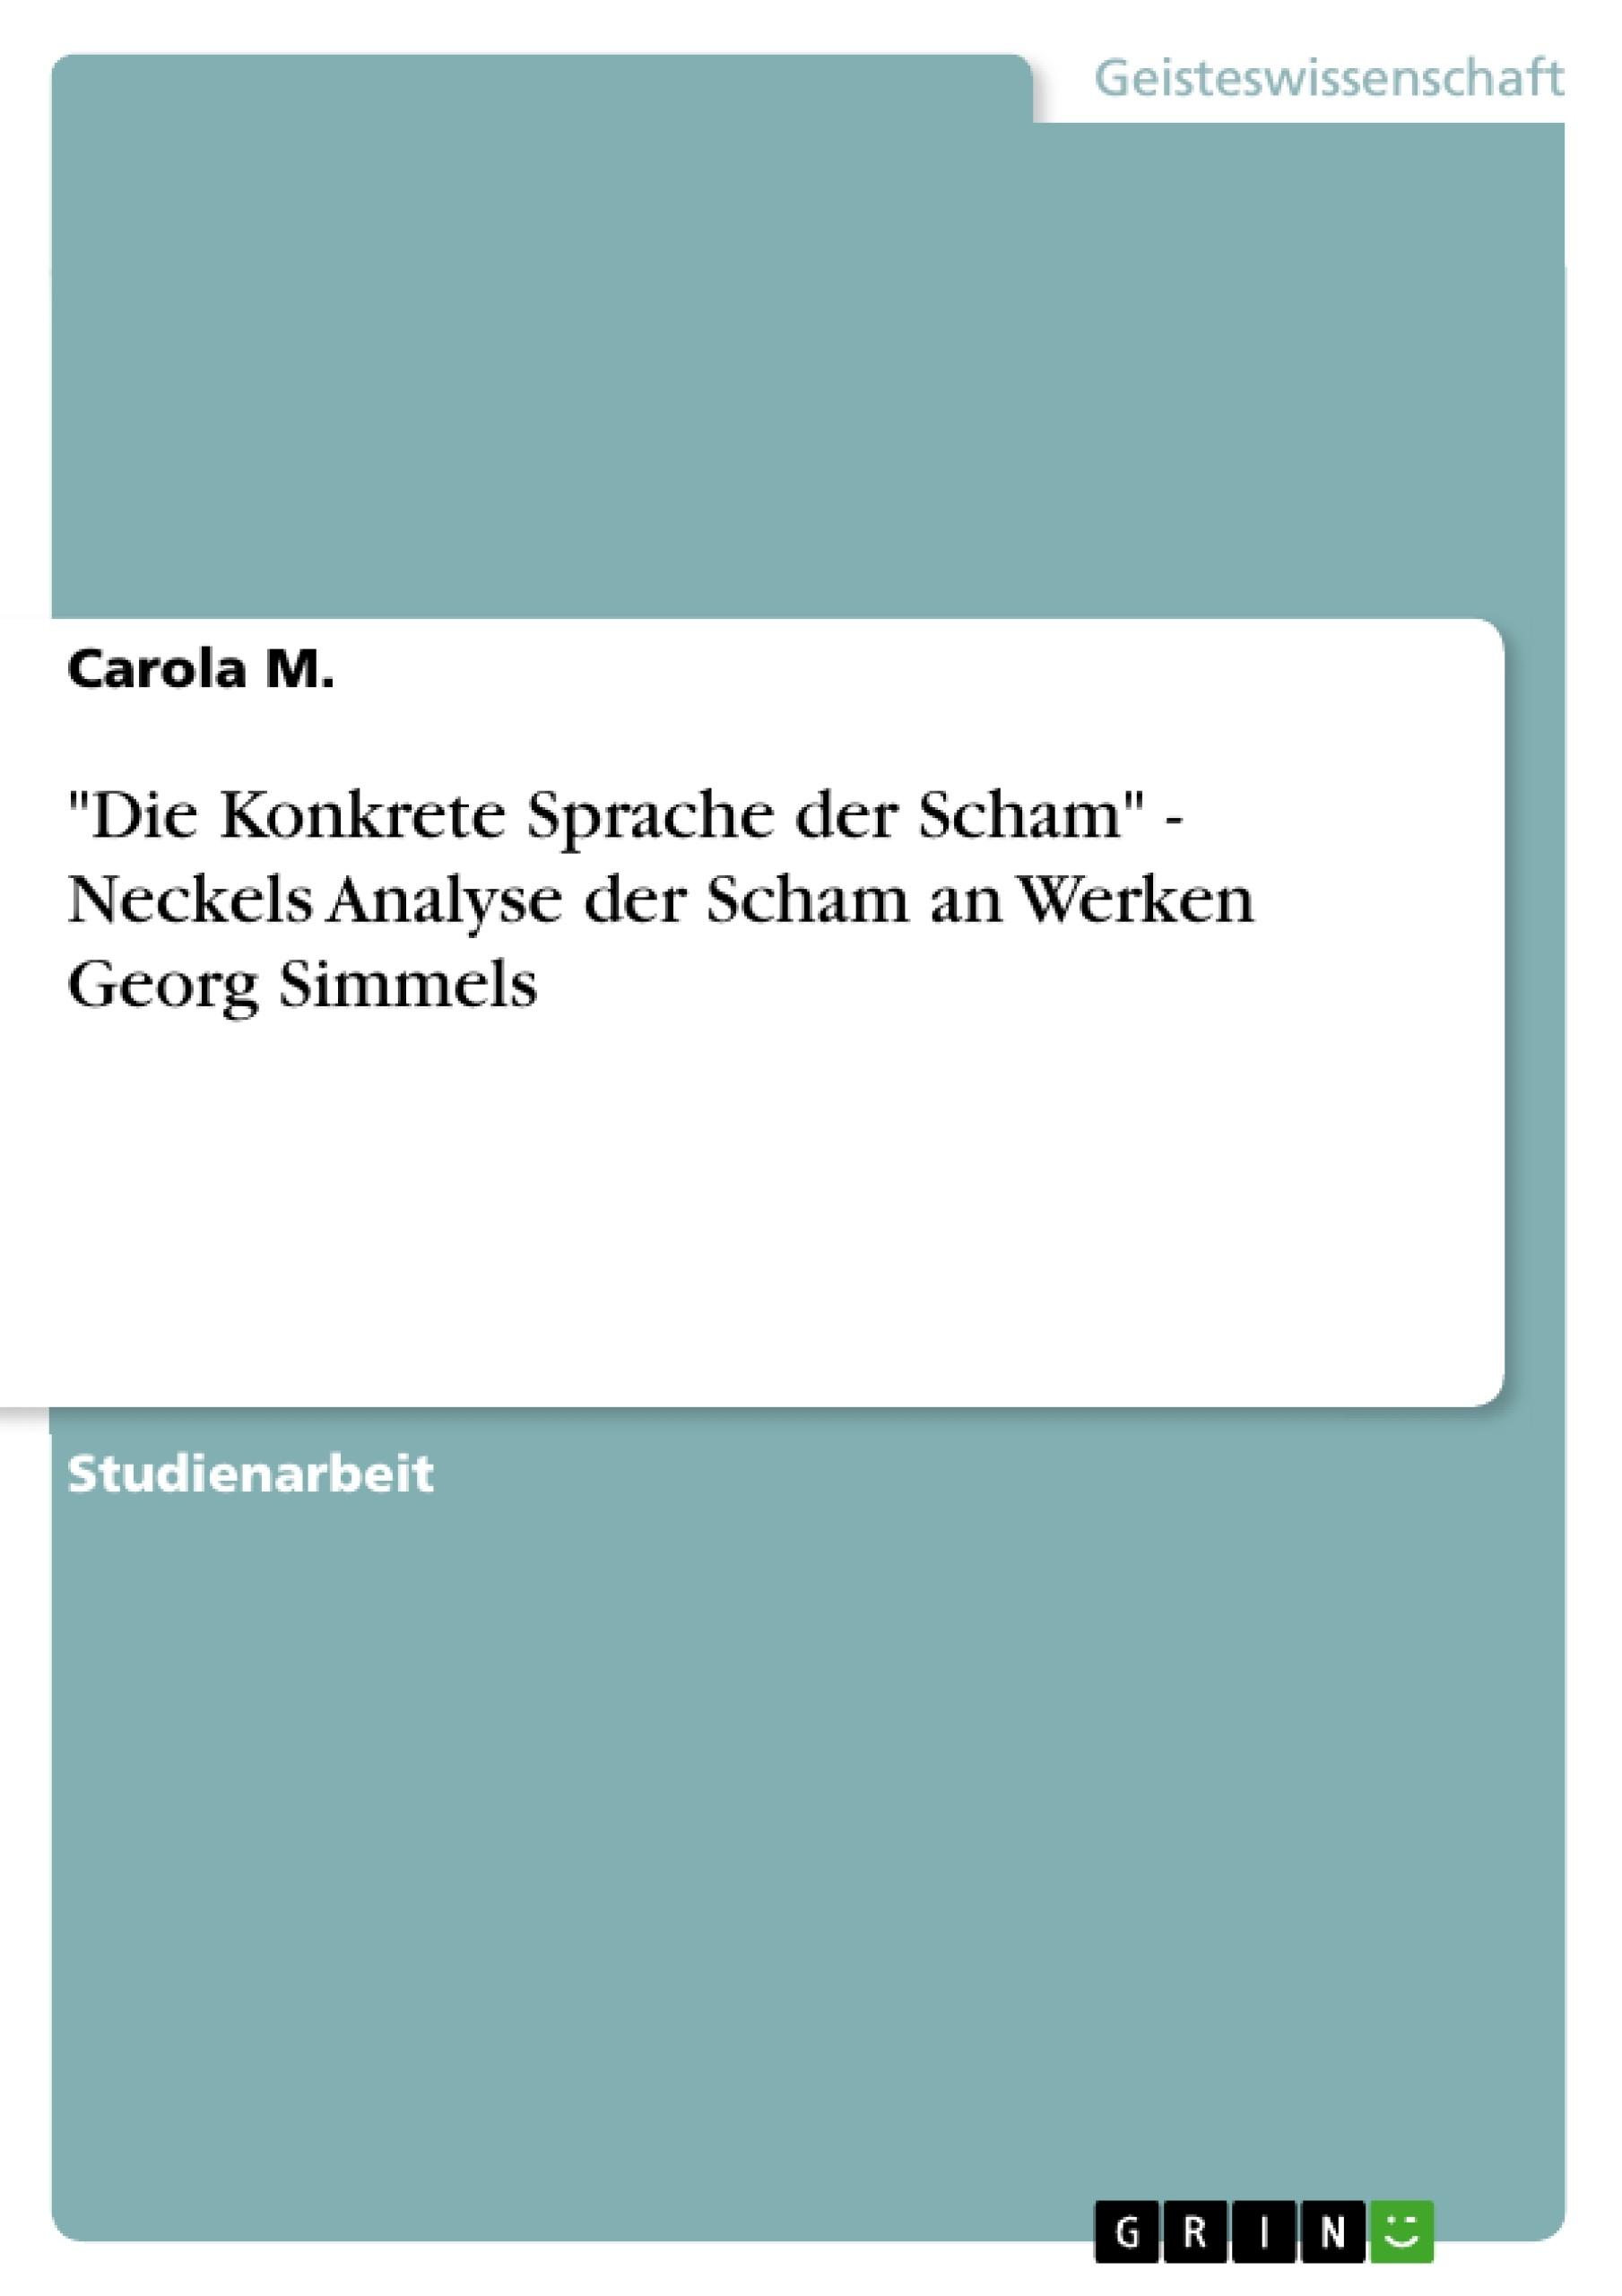 """Titel: """"Die Konkrete Sprache der Scham"""" - Neckels Analyse der Scham an Werken Georg Simmels"""